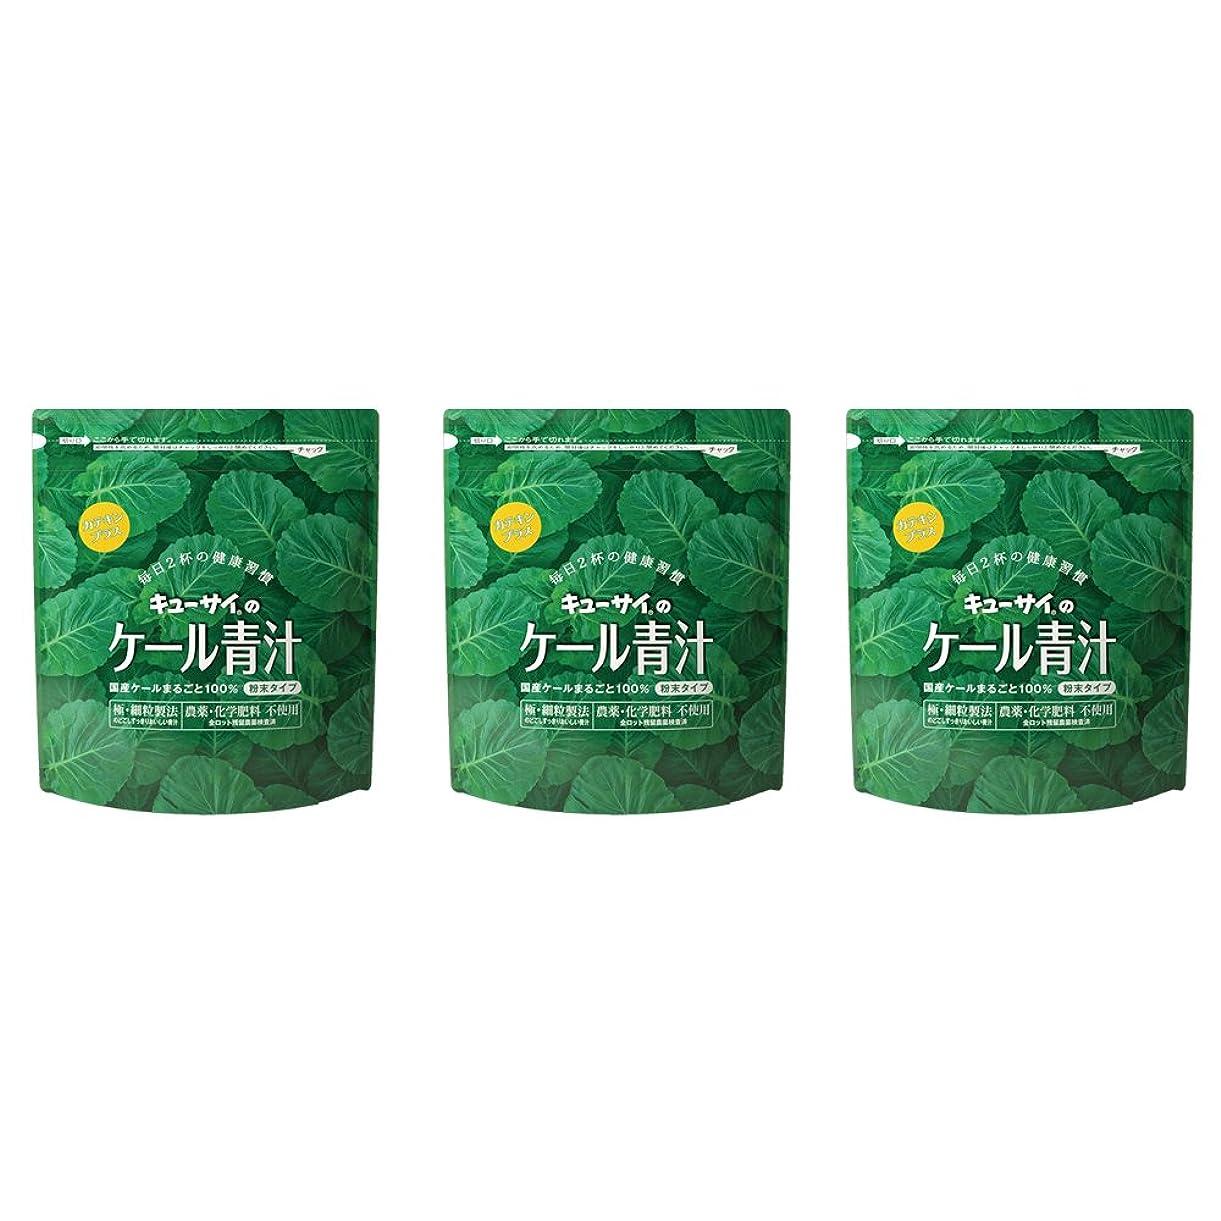 戸惑う体現するシュリンクキューサイ ケール青汁(粉末タイプ)カテキンプラス 420g 3袋